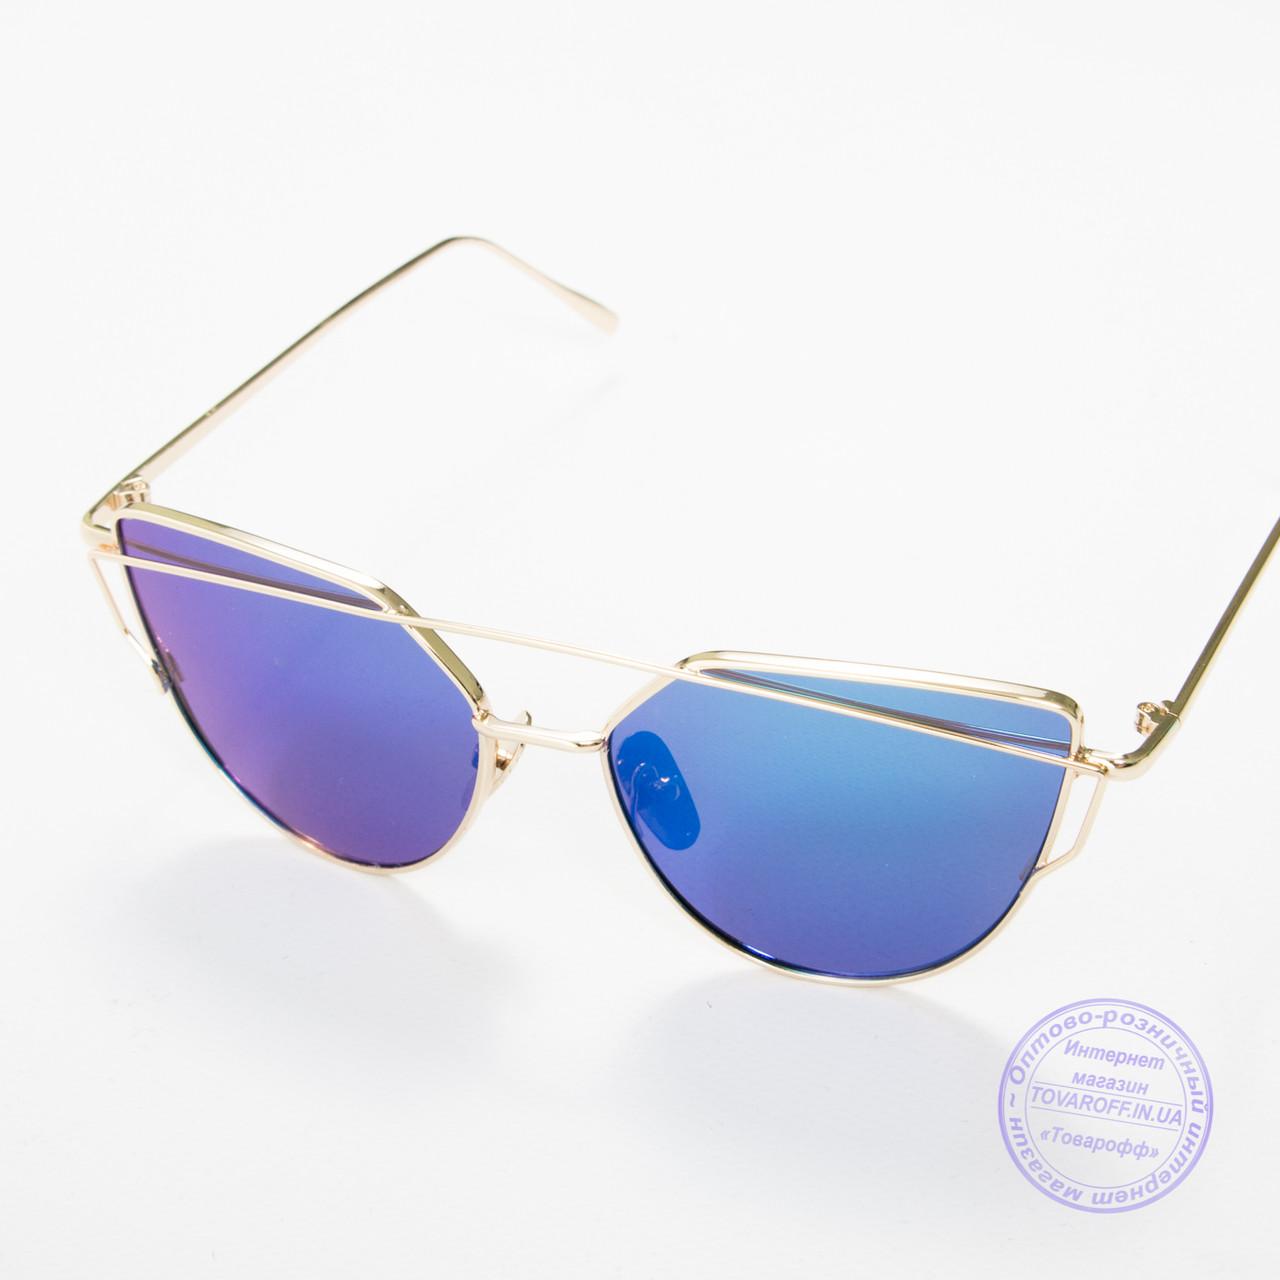 Оптом женские солнцезащитные очки золотистые - 9013 нет, 3, Металл, Зеркальное, Женский, Поликарбонатные, Золотистый, Синий